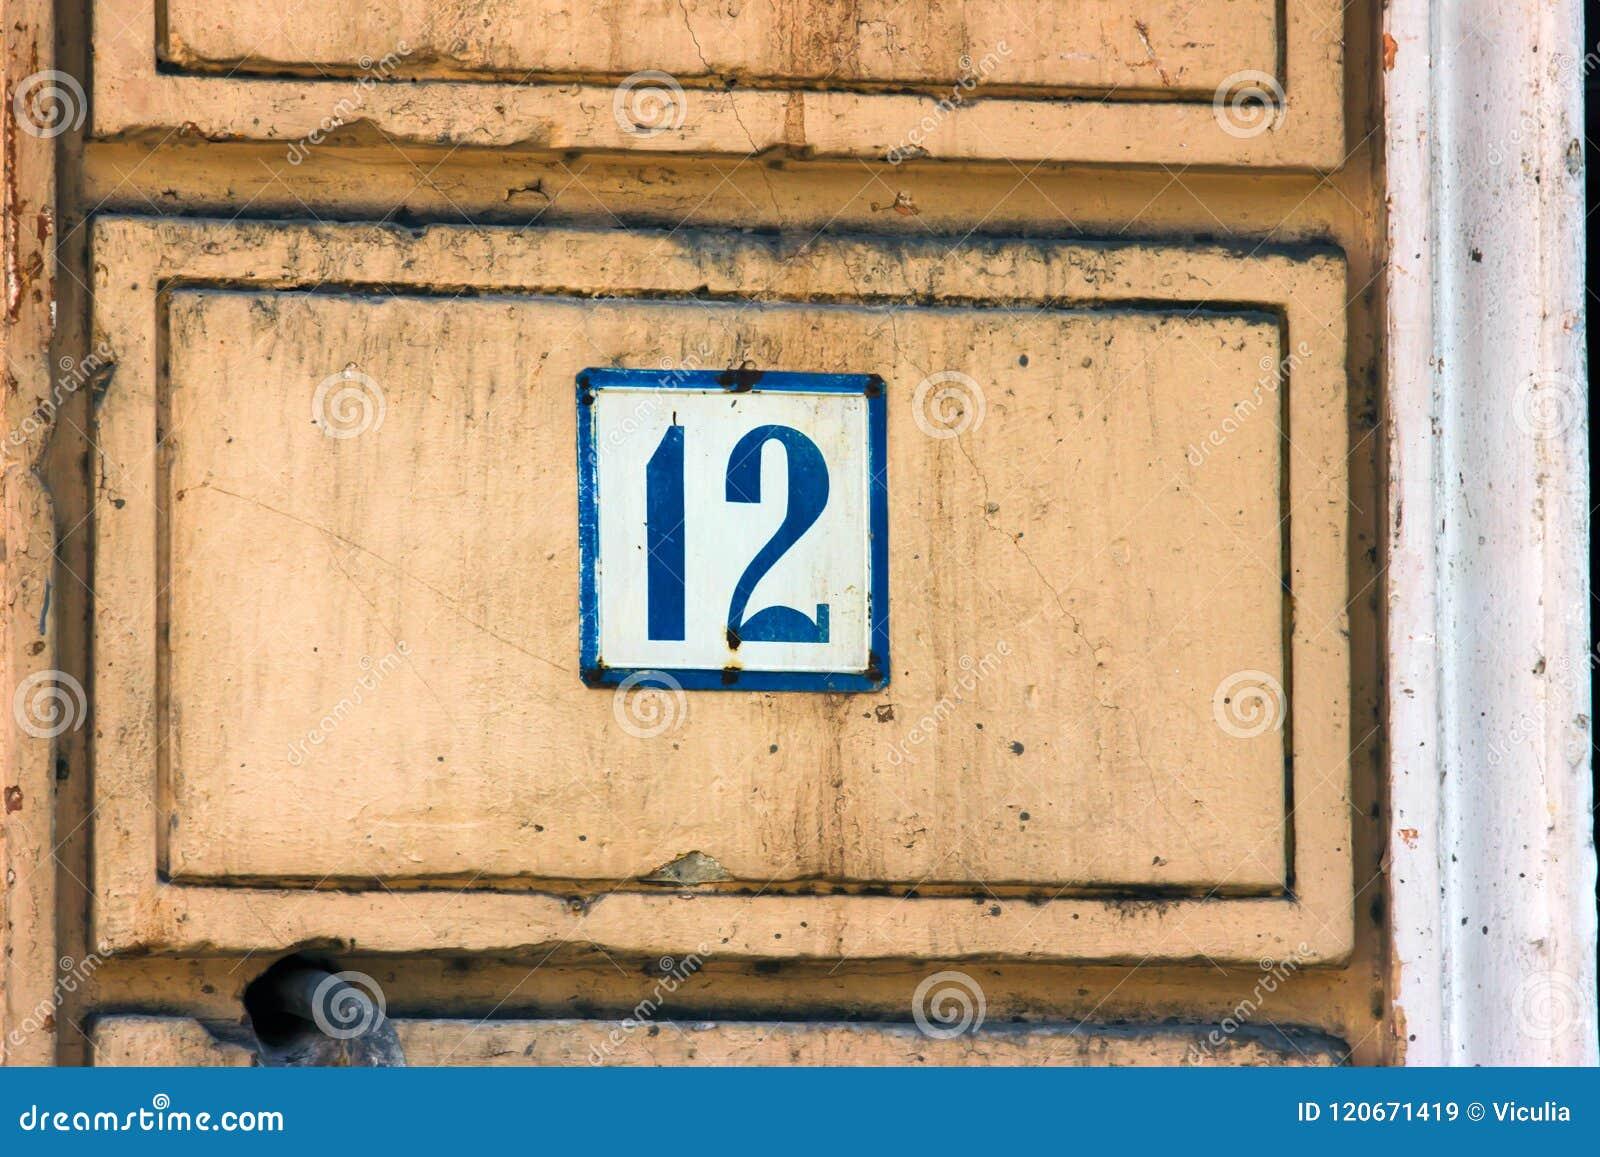 Παλαιό εκλεκτής ποιότητας μπλε μέταλλο αριθμός 12 δώδεκα διευθύνσεων σπιτιών